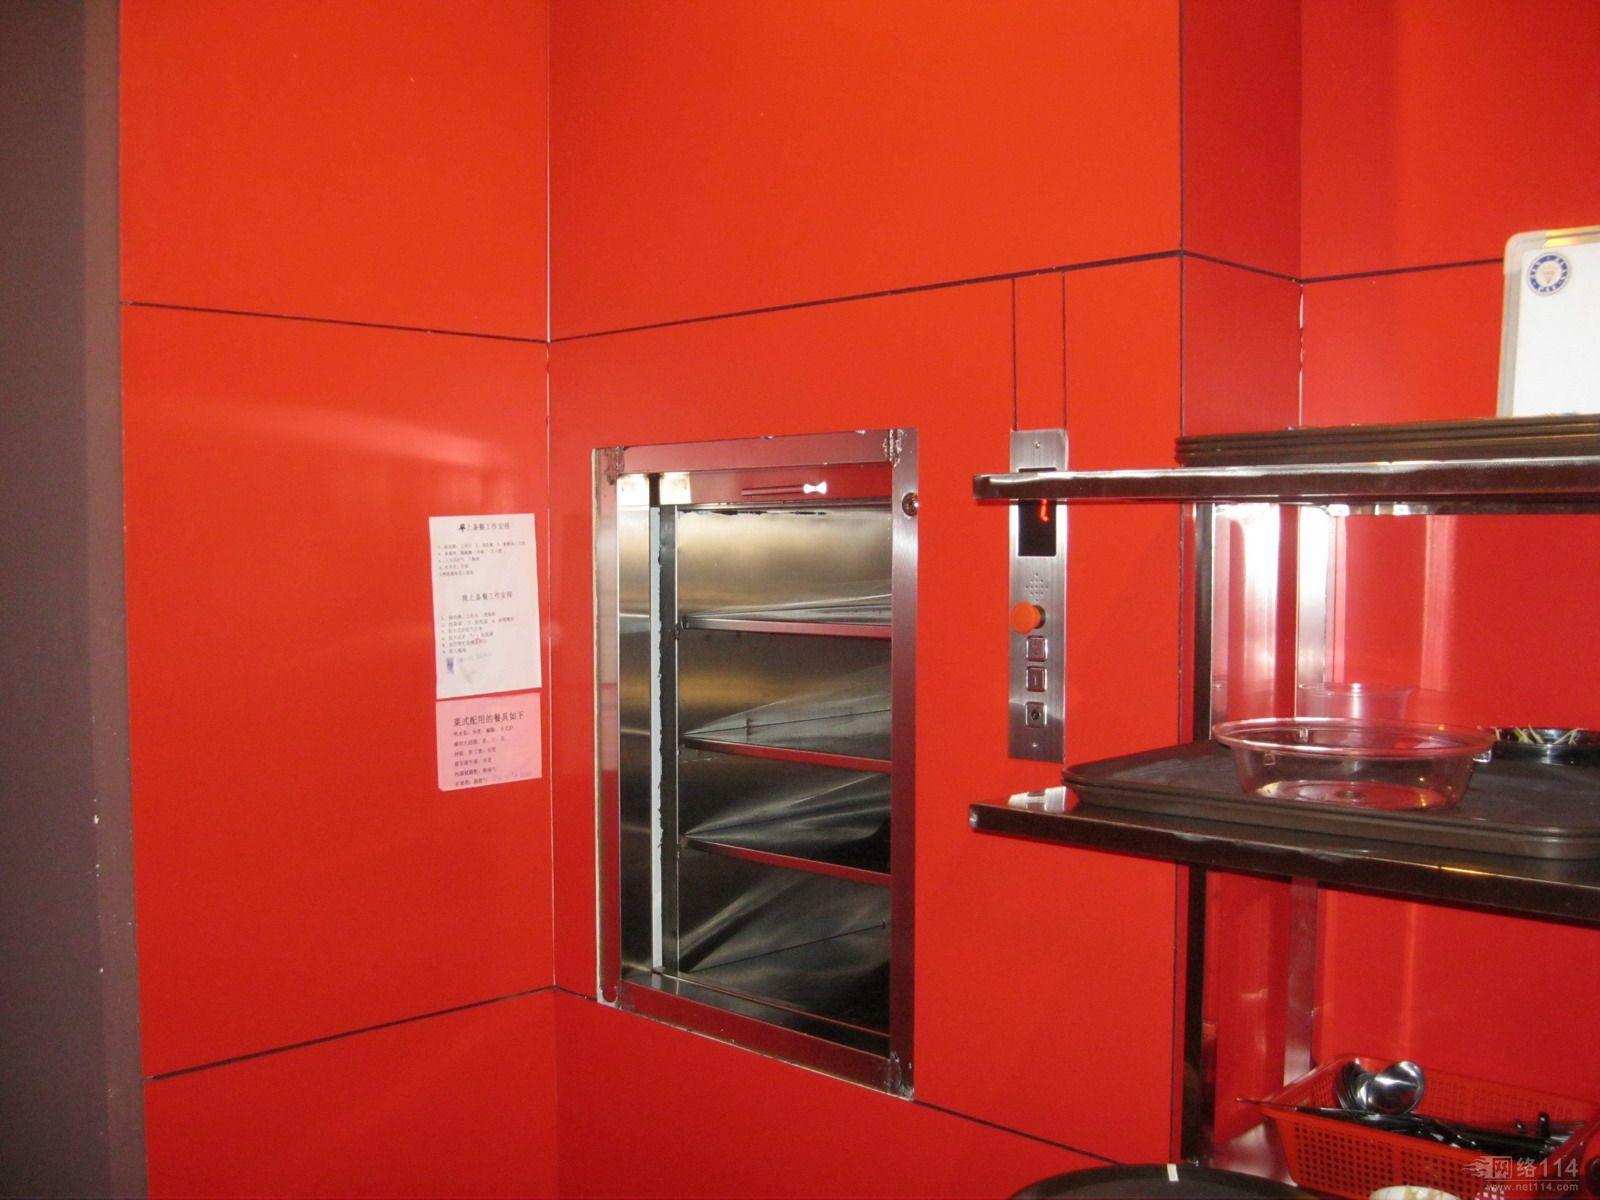 杂物电梯哪家好?润洋电梯厂家定制杂物电梯,传菜电梯厂家定制,杂货电梯定制